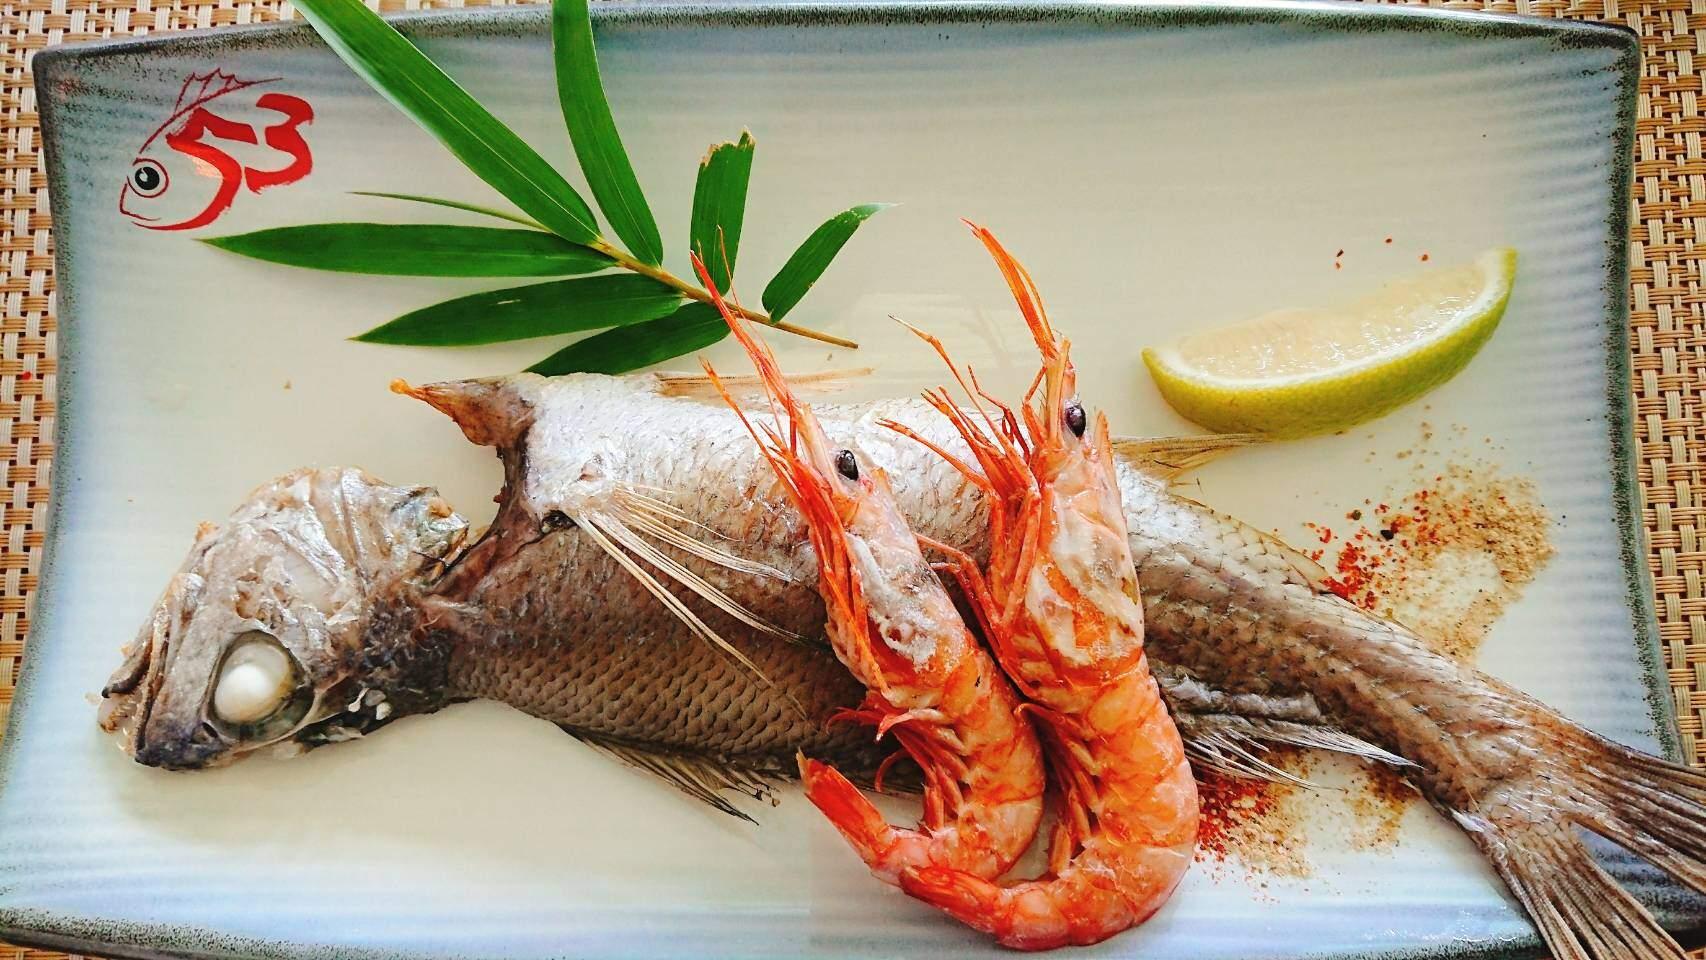 【宜蘭頭城】伍參港海廚料理|精緻又充滿海洋風情的無菜單料理